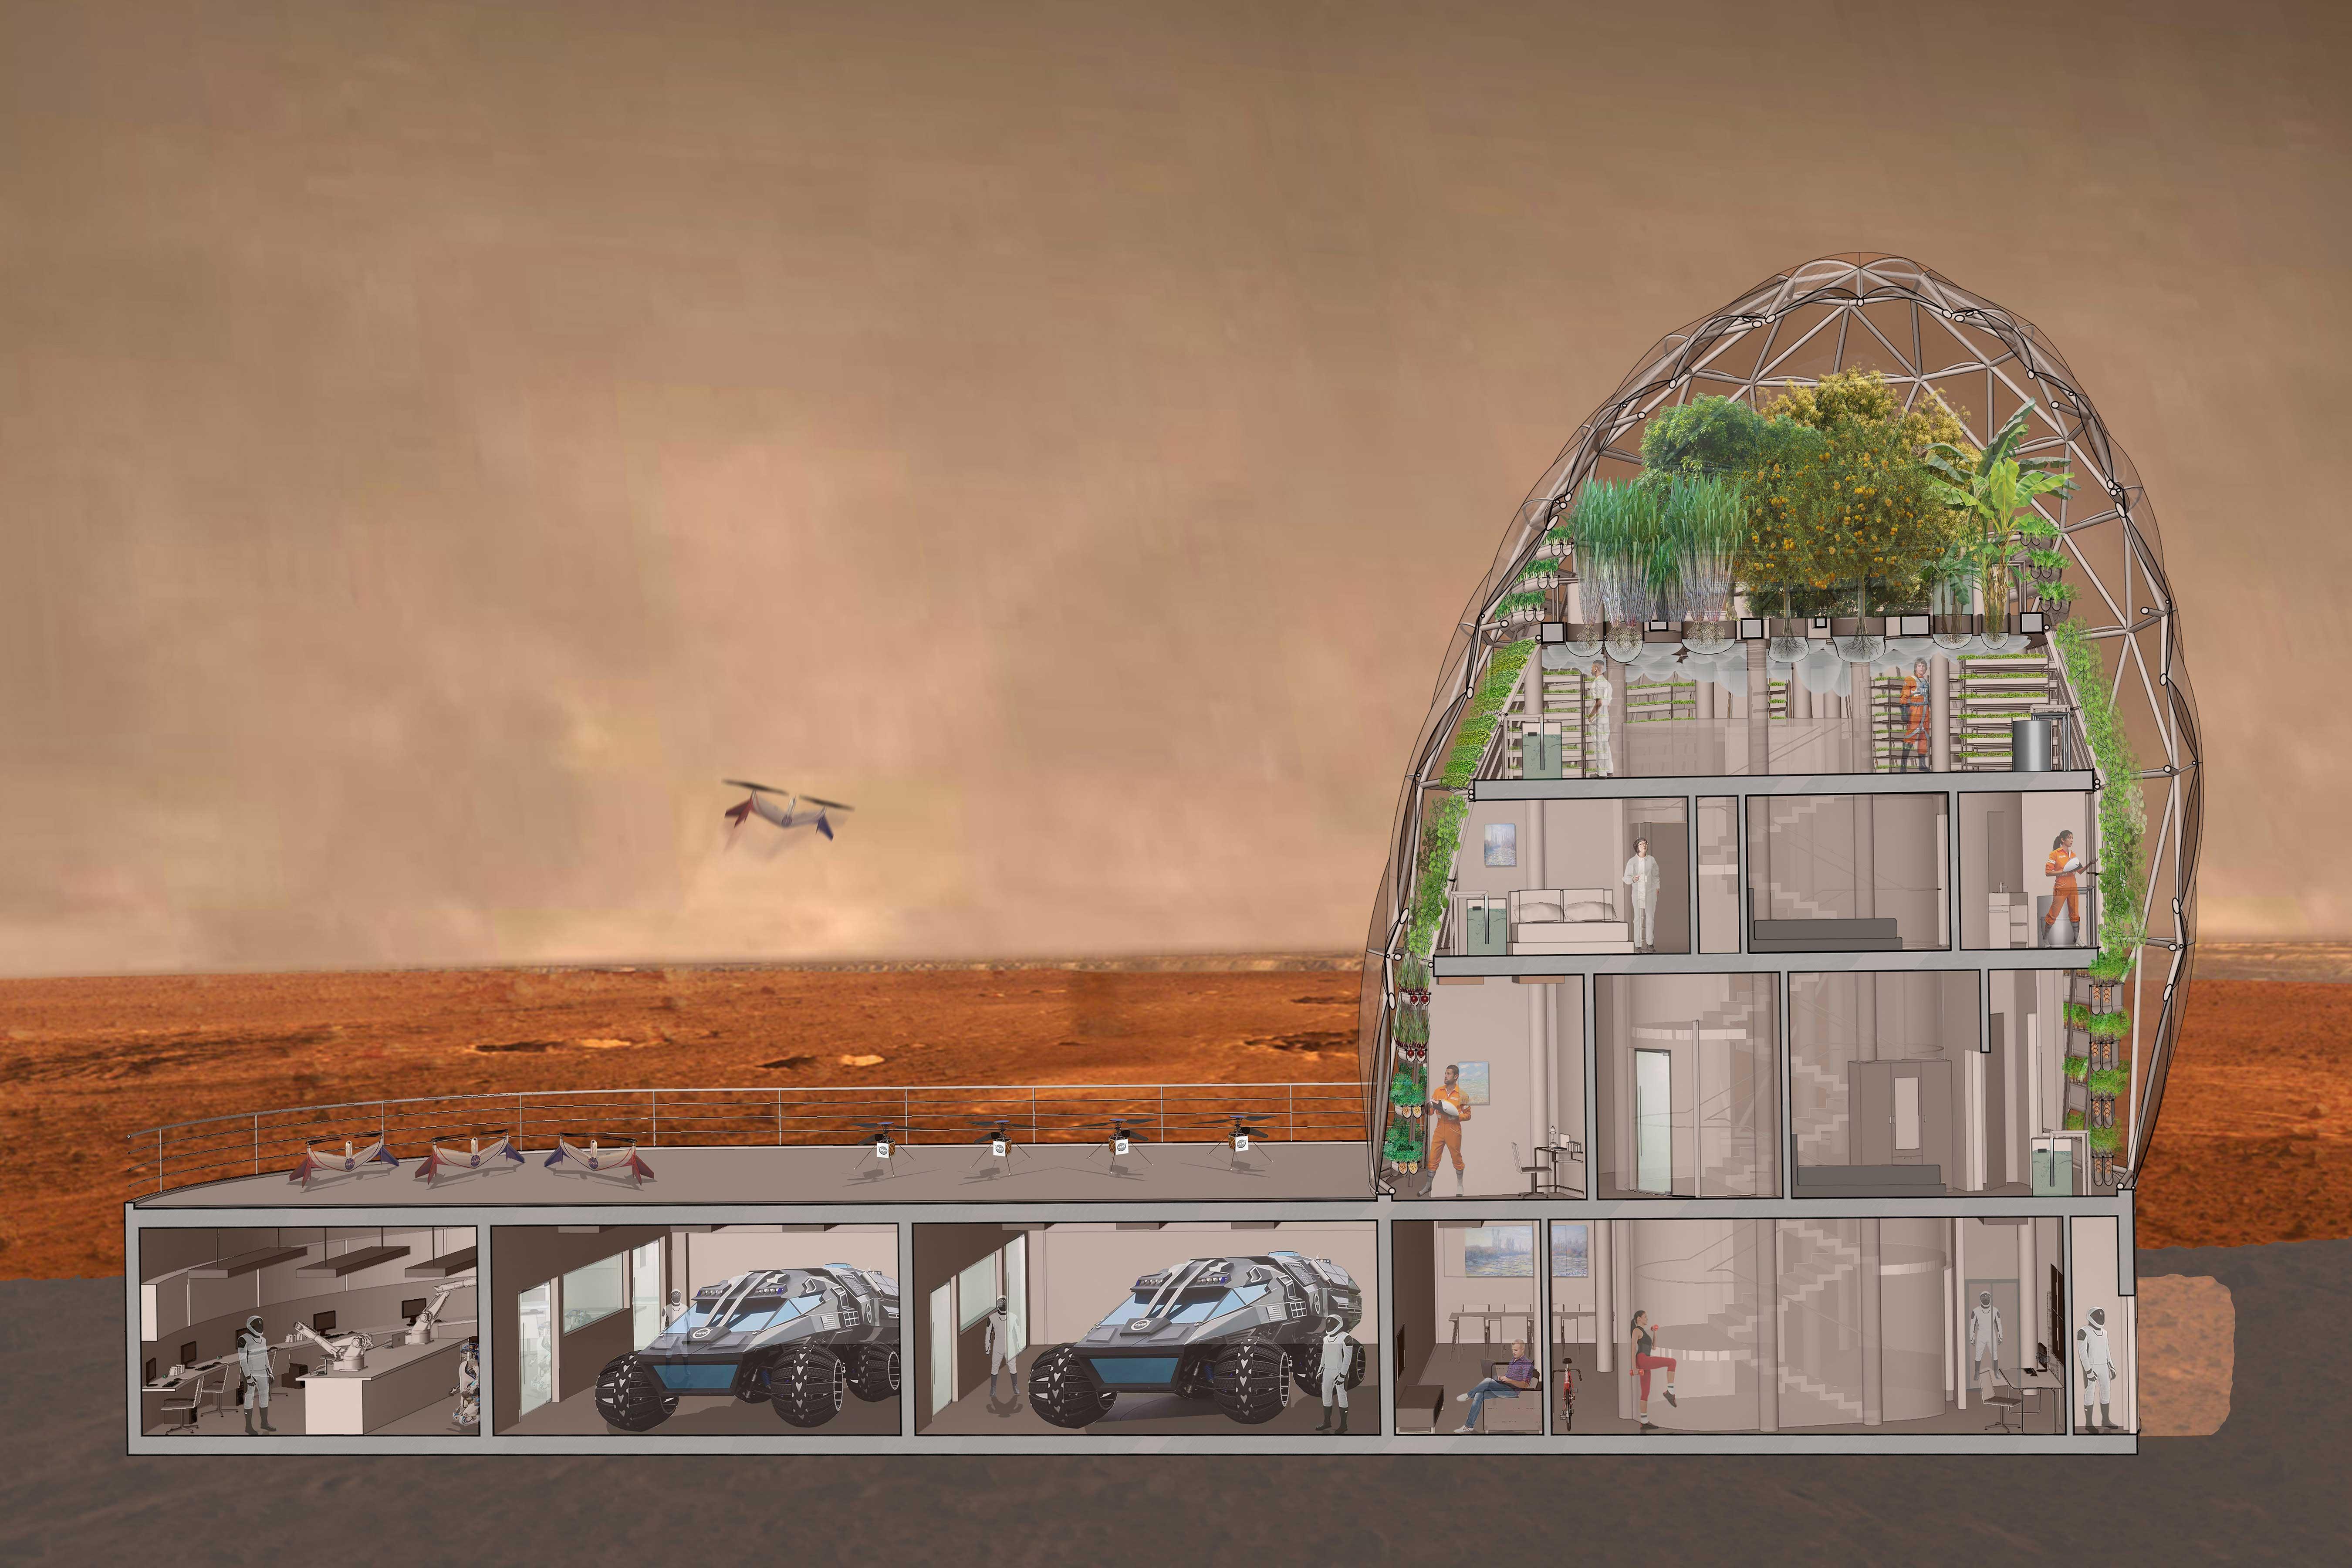 Greenhouse Design Architecture